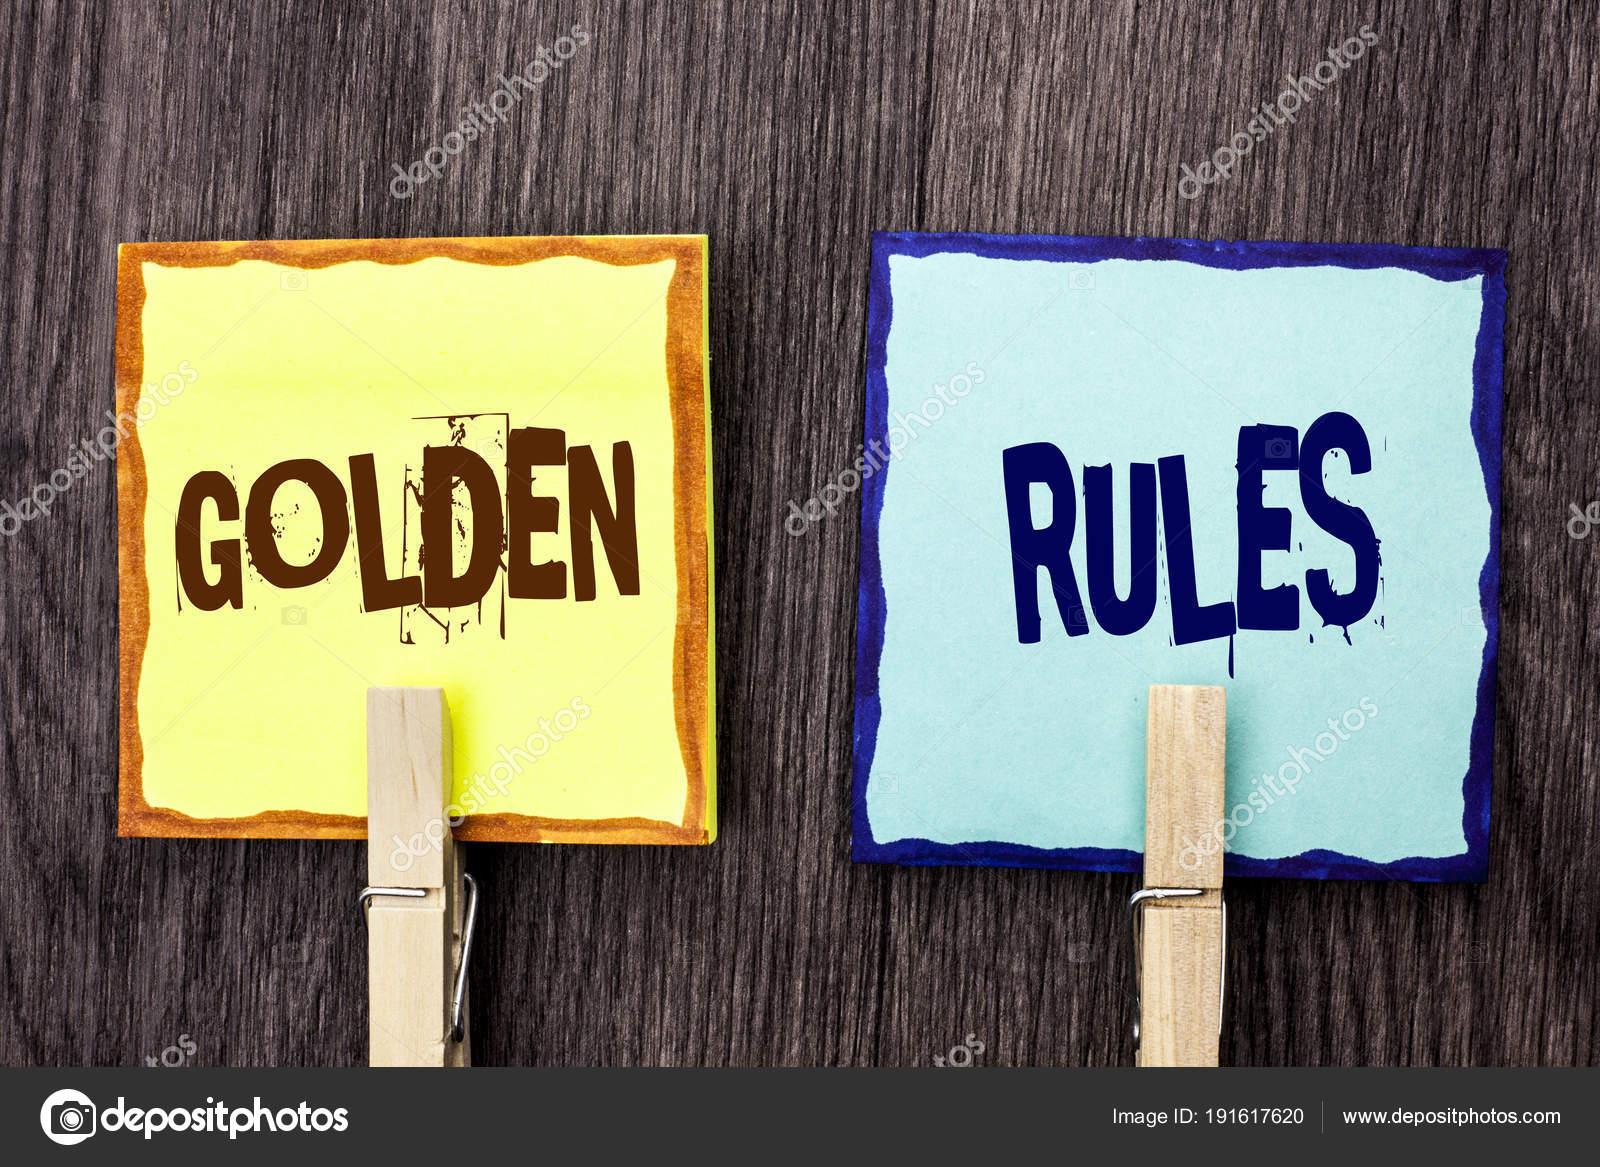 αχρονολόγηση κανόνων μεταξύ των οποίων η ταχύτητα χρονολογείται